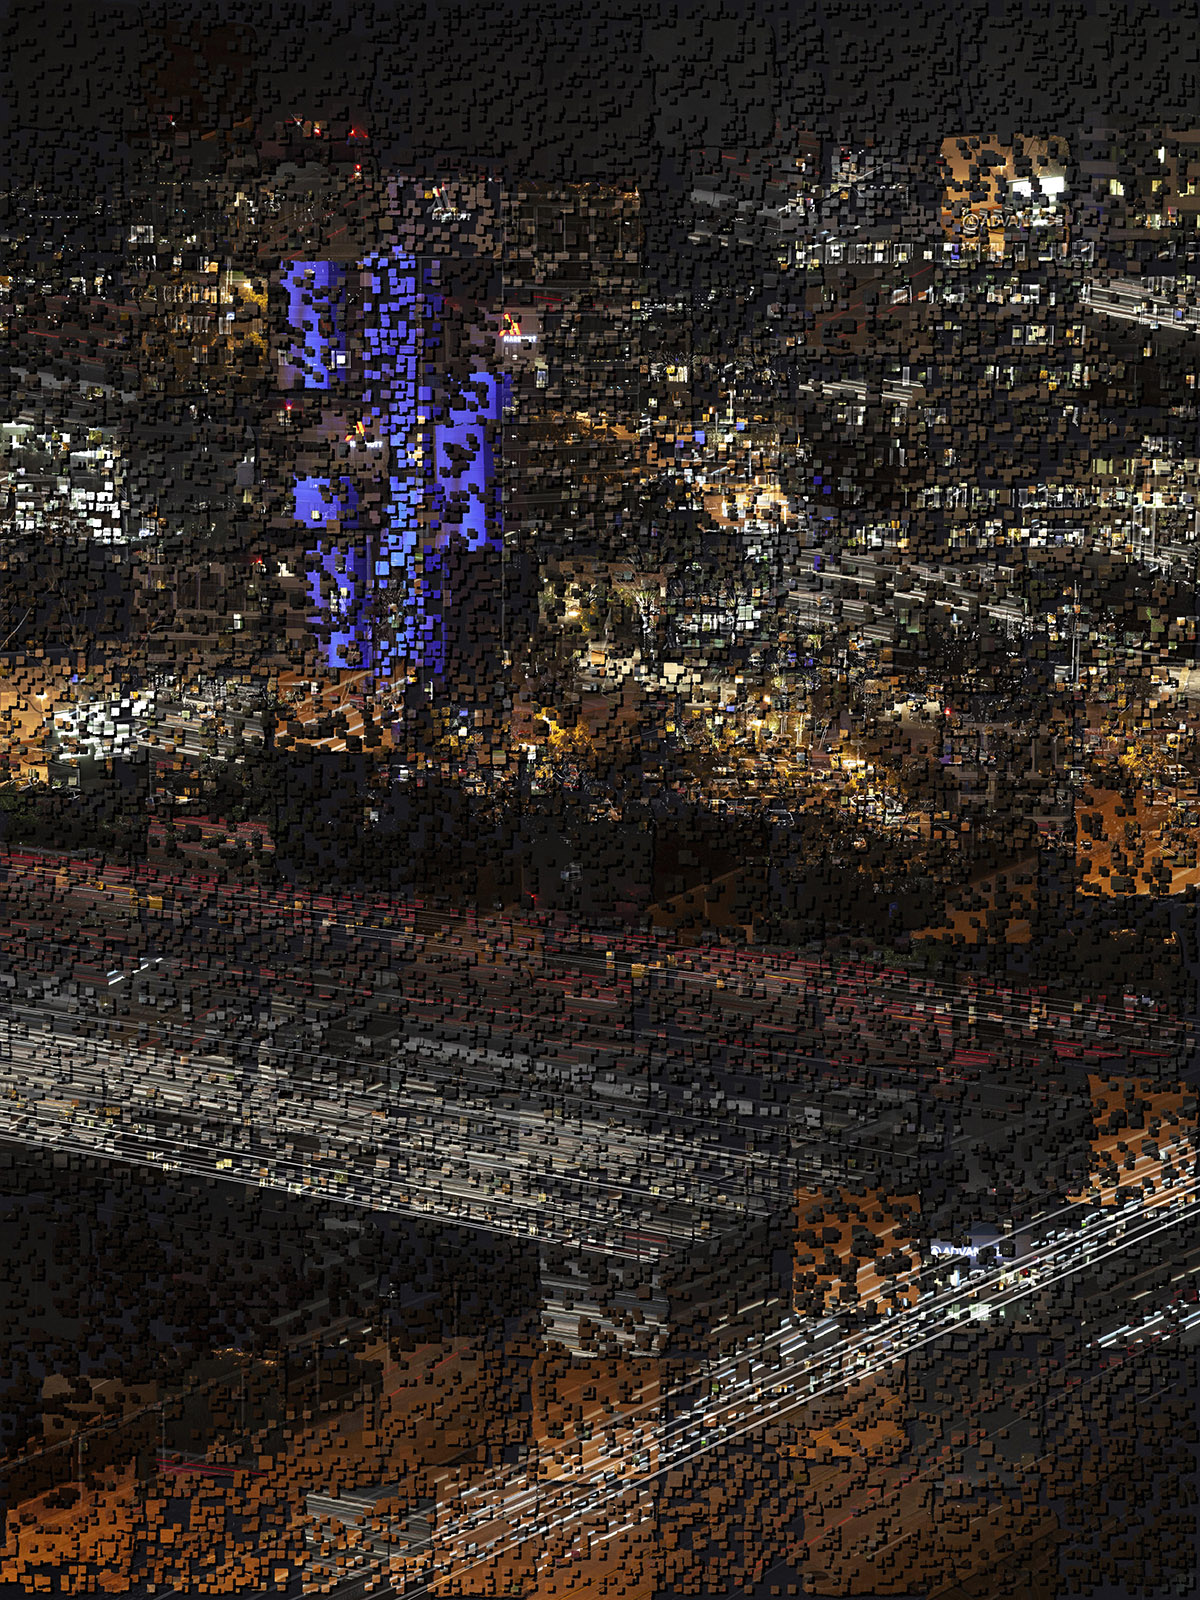 Urban Constellation